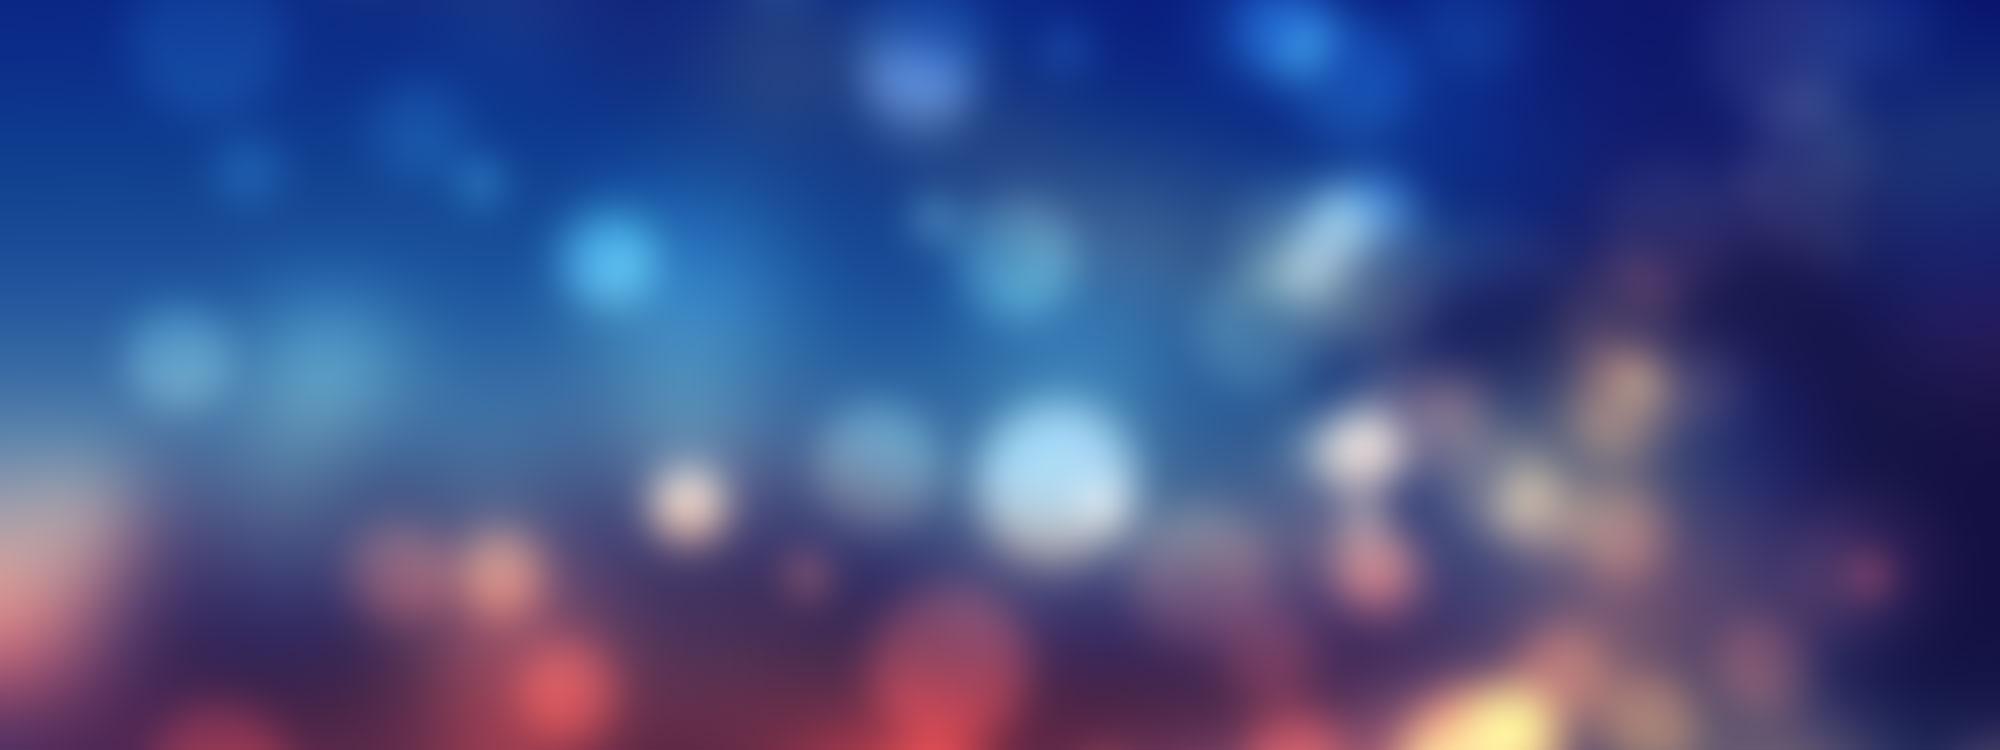 Store_Banner_Background_Blur_03